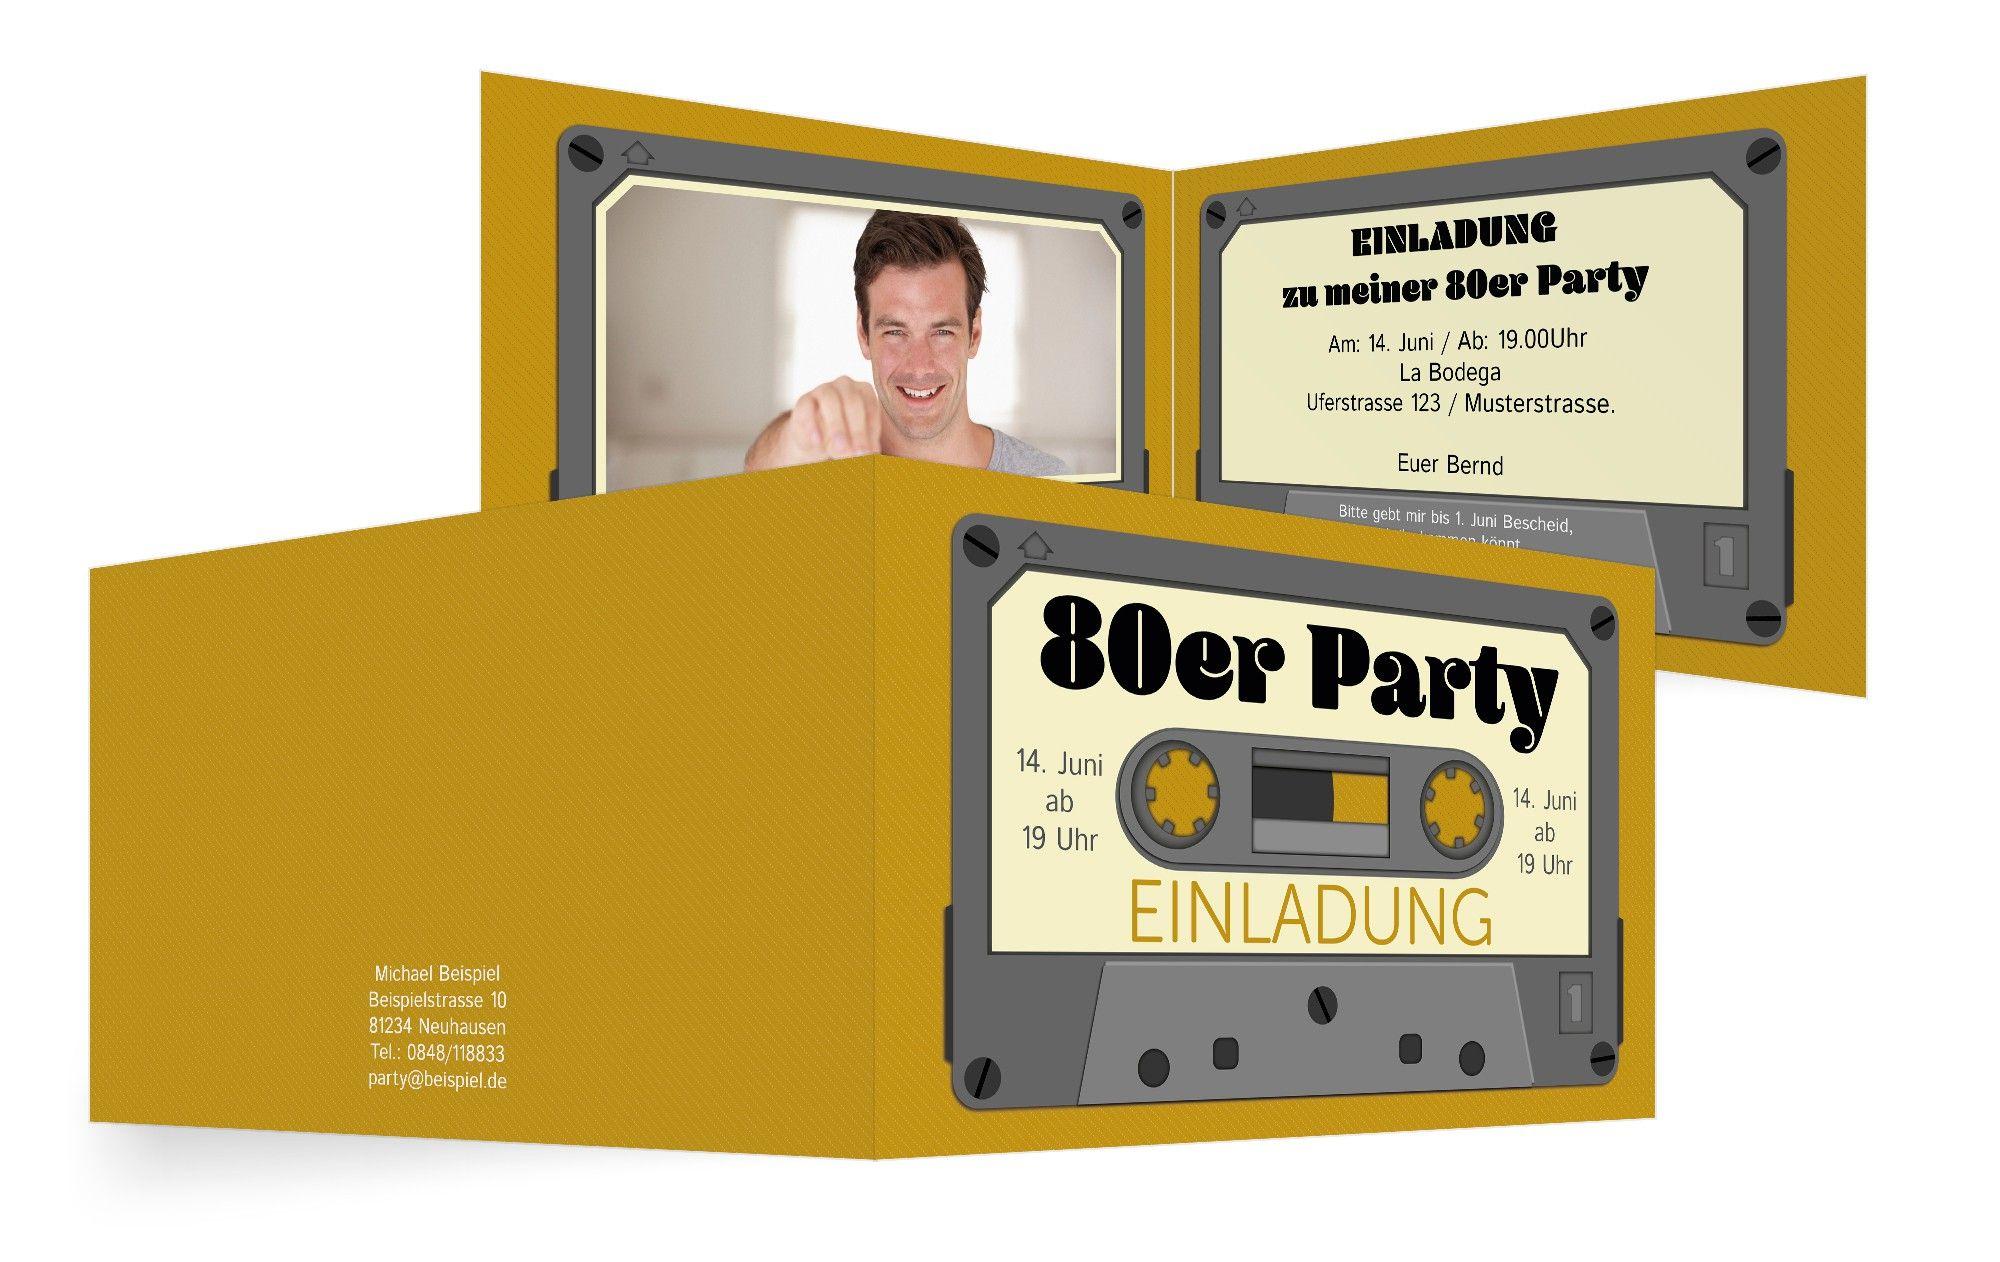 Einladungskarte Kassette 80er Party Einladung 80er Party Party